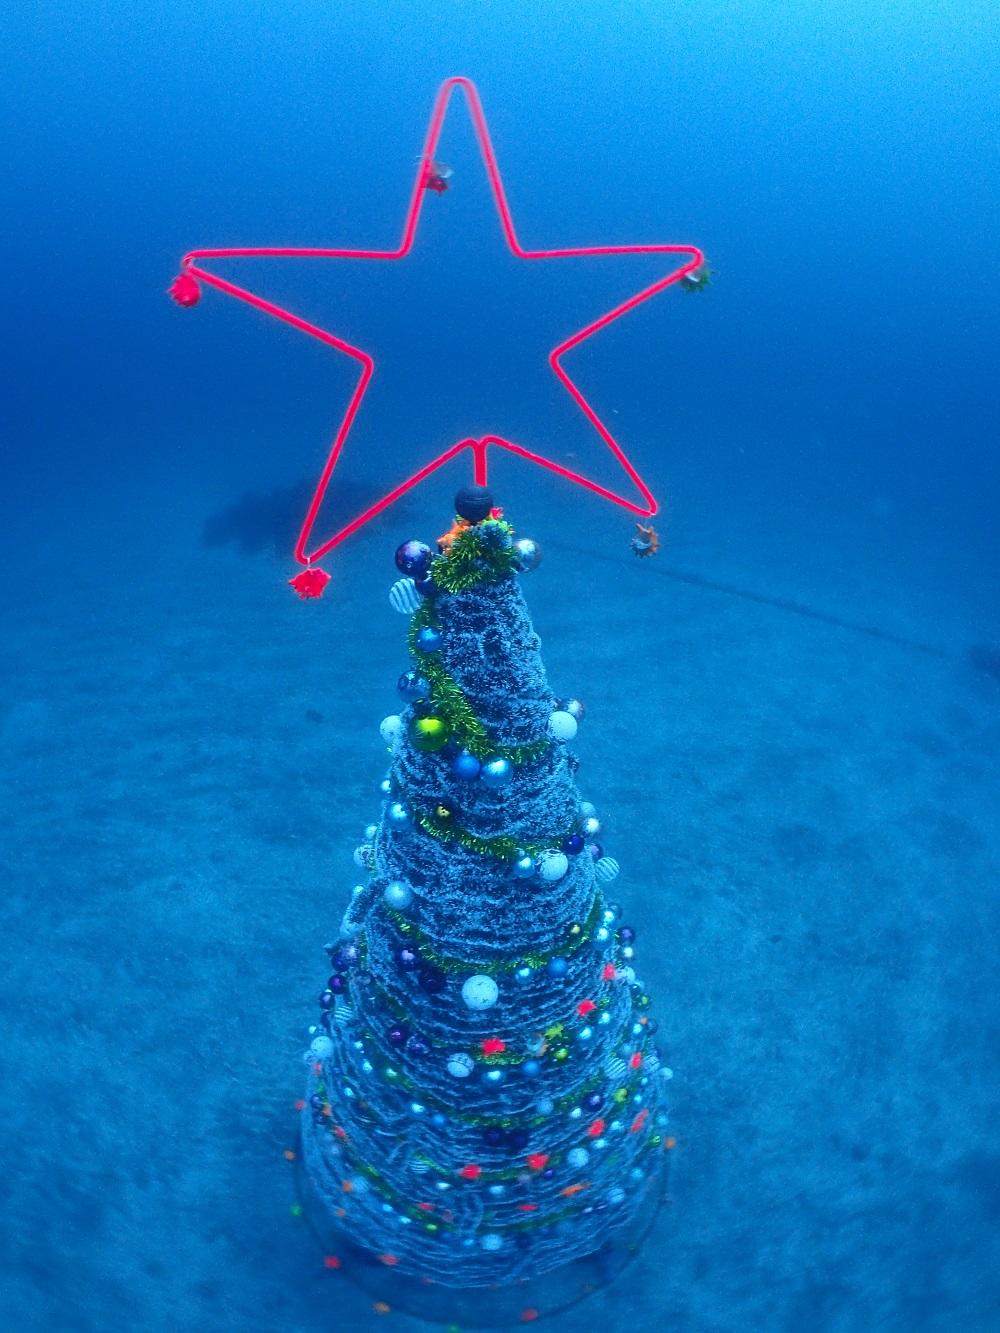 砂地に設置されたクリスマスツリー2016年バージョン